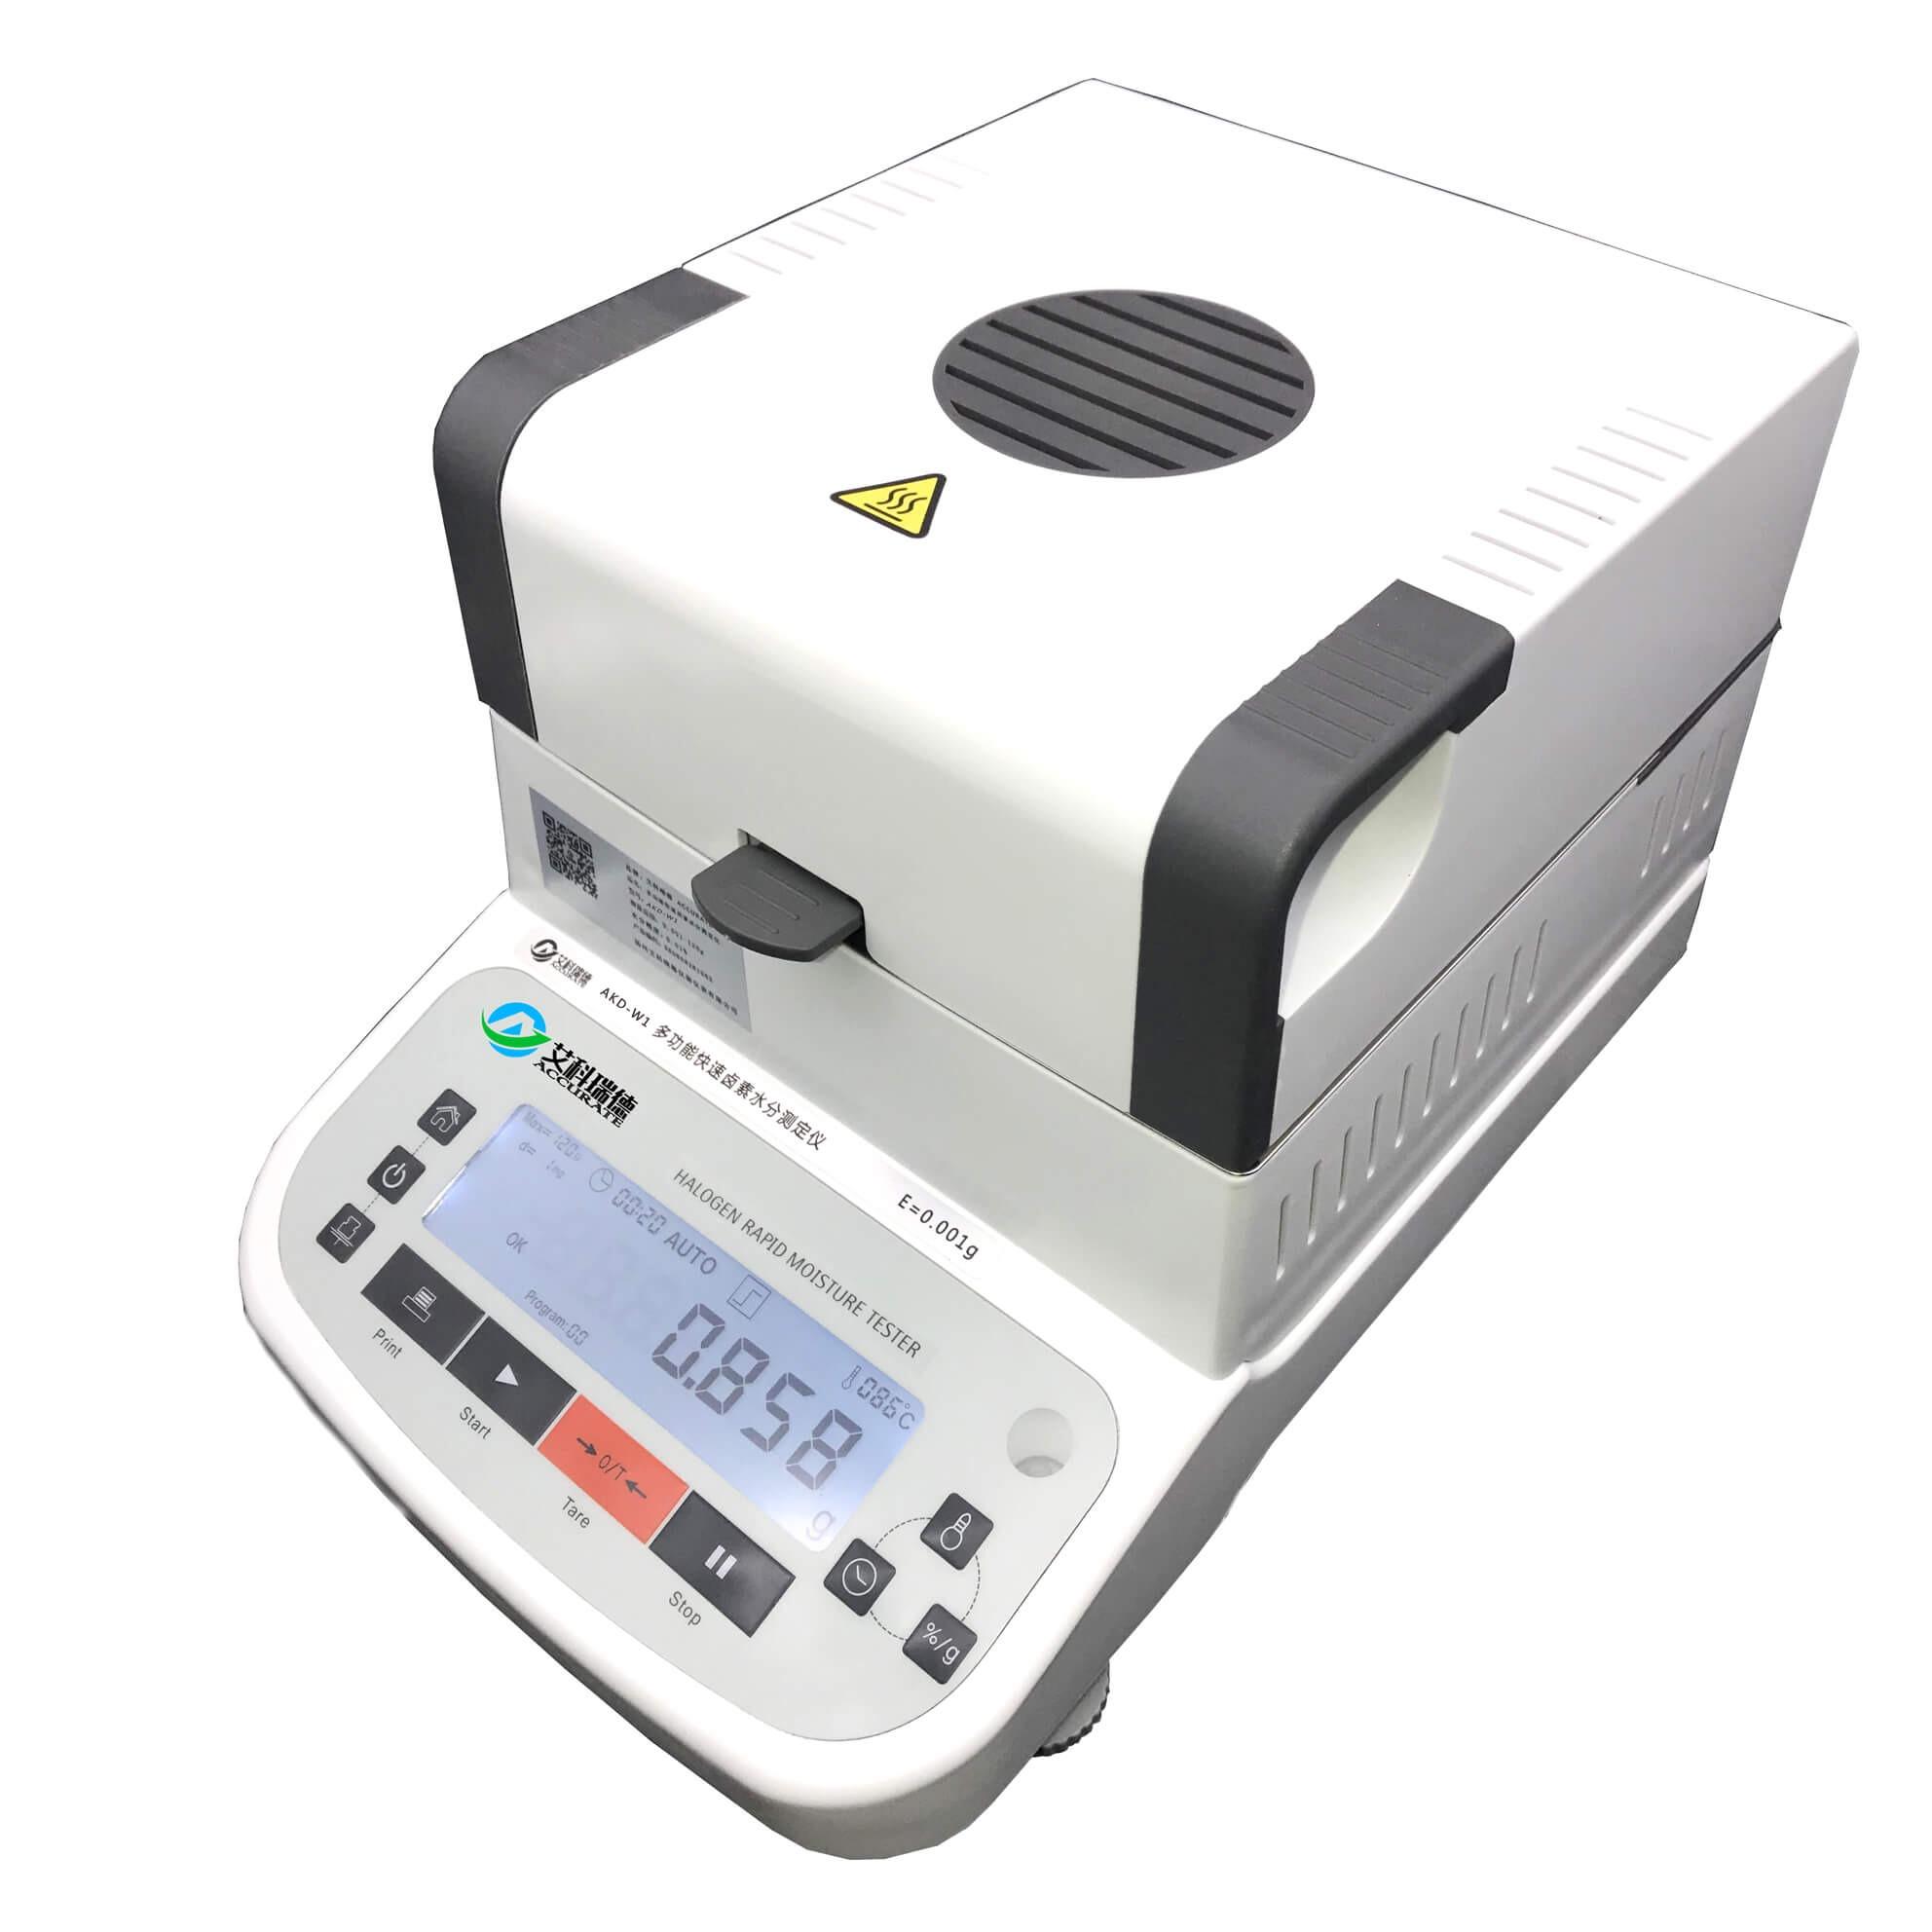 艾科瑞德树脂水分仪 经济型树脂材料水分仪 树脂水分仪厂家